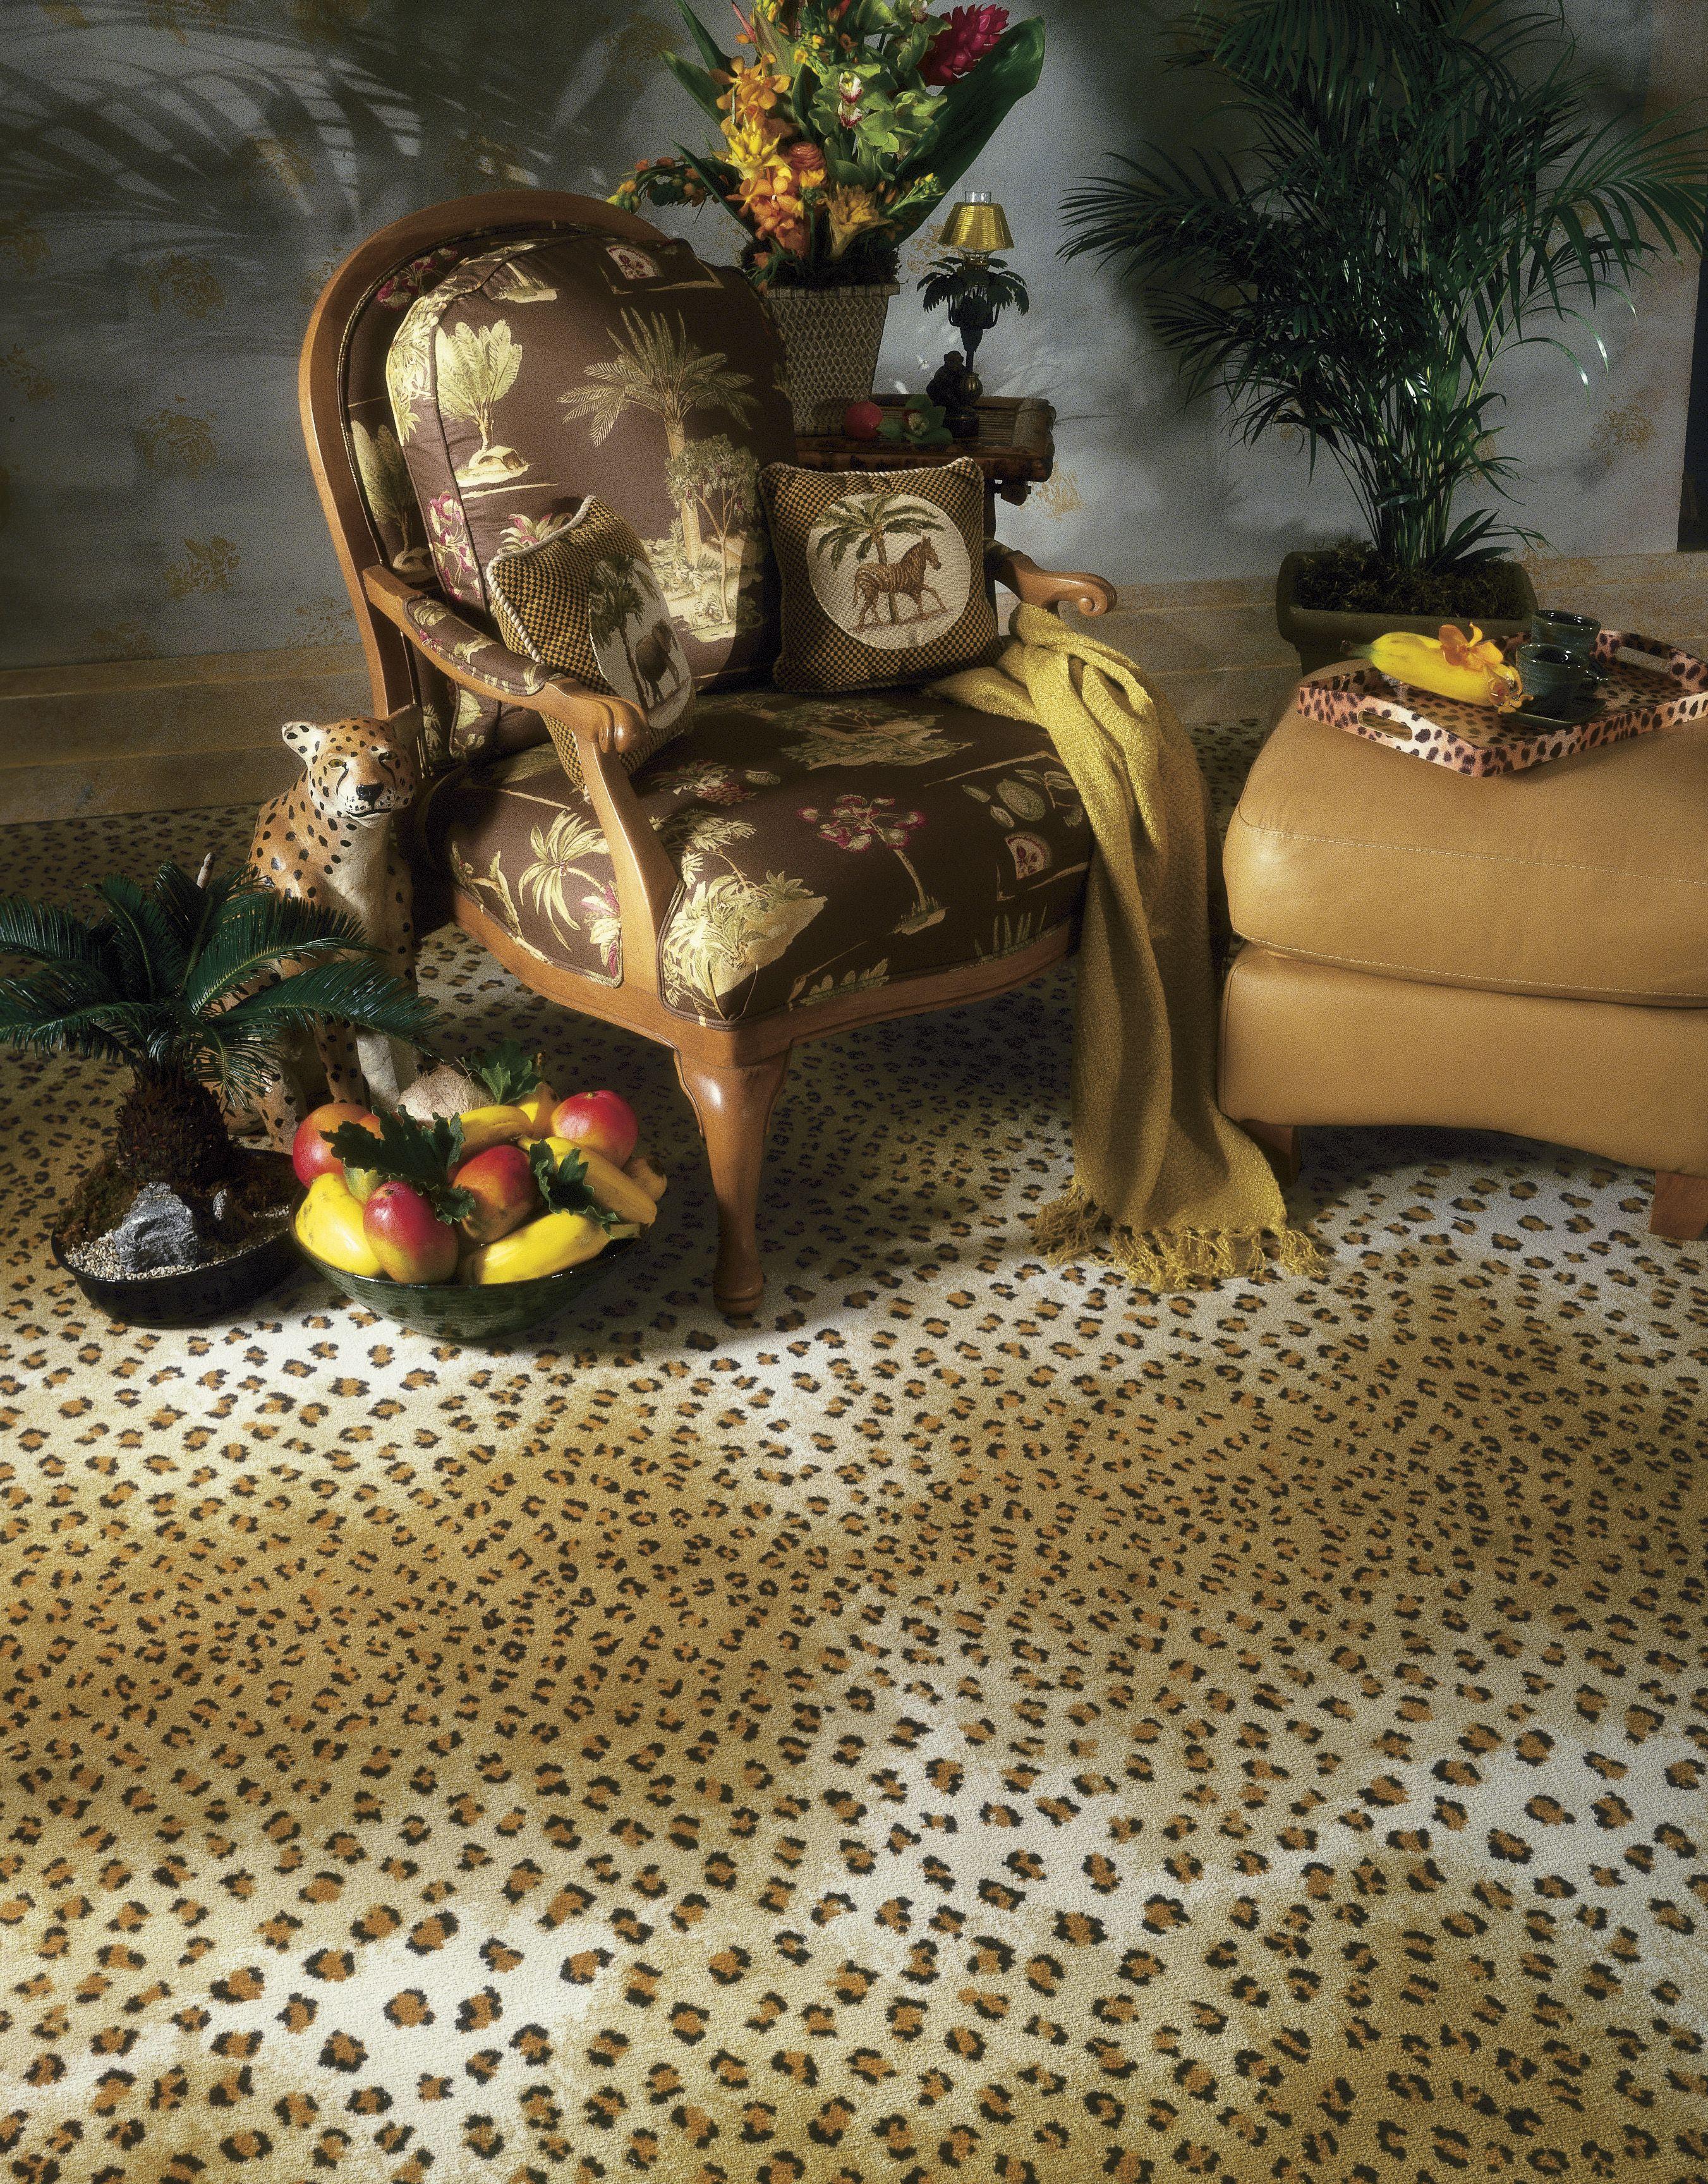 Karastan Gq Flooring C Karastan Karastan Exotics Shabu Cheetah